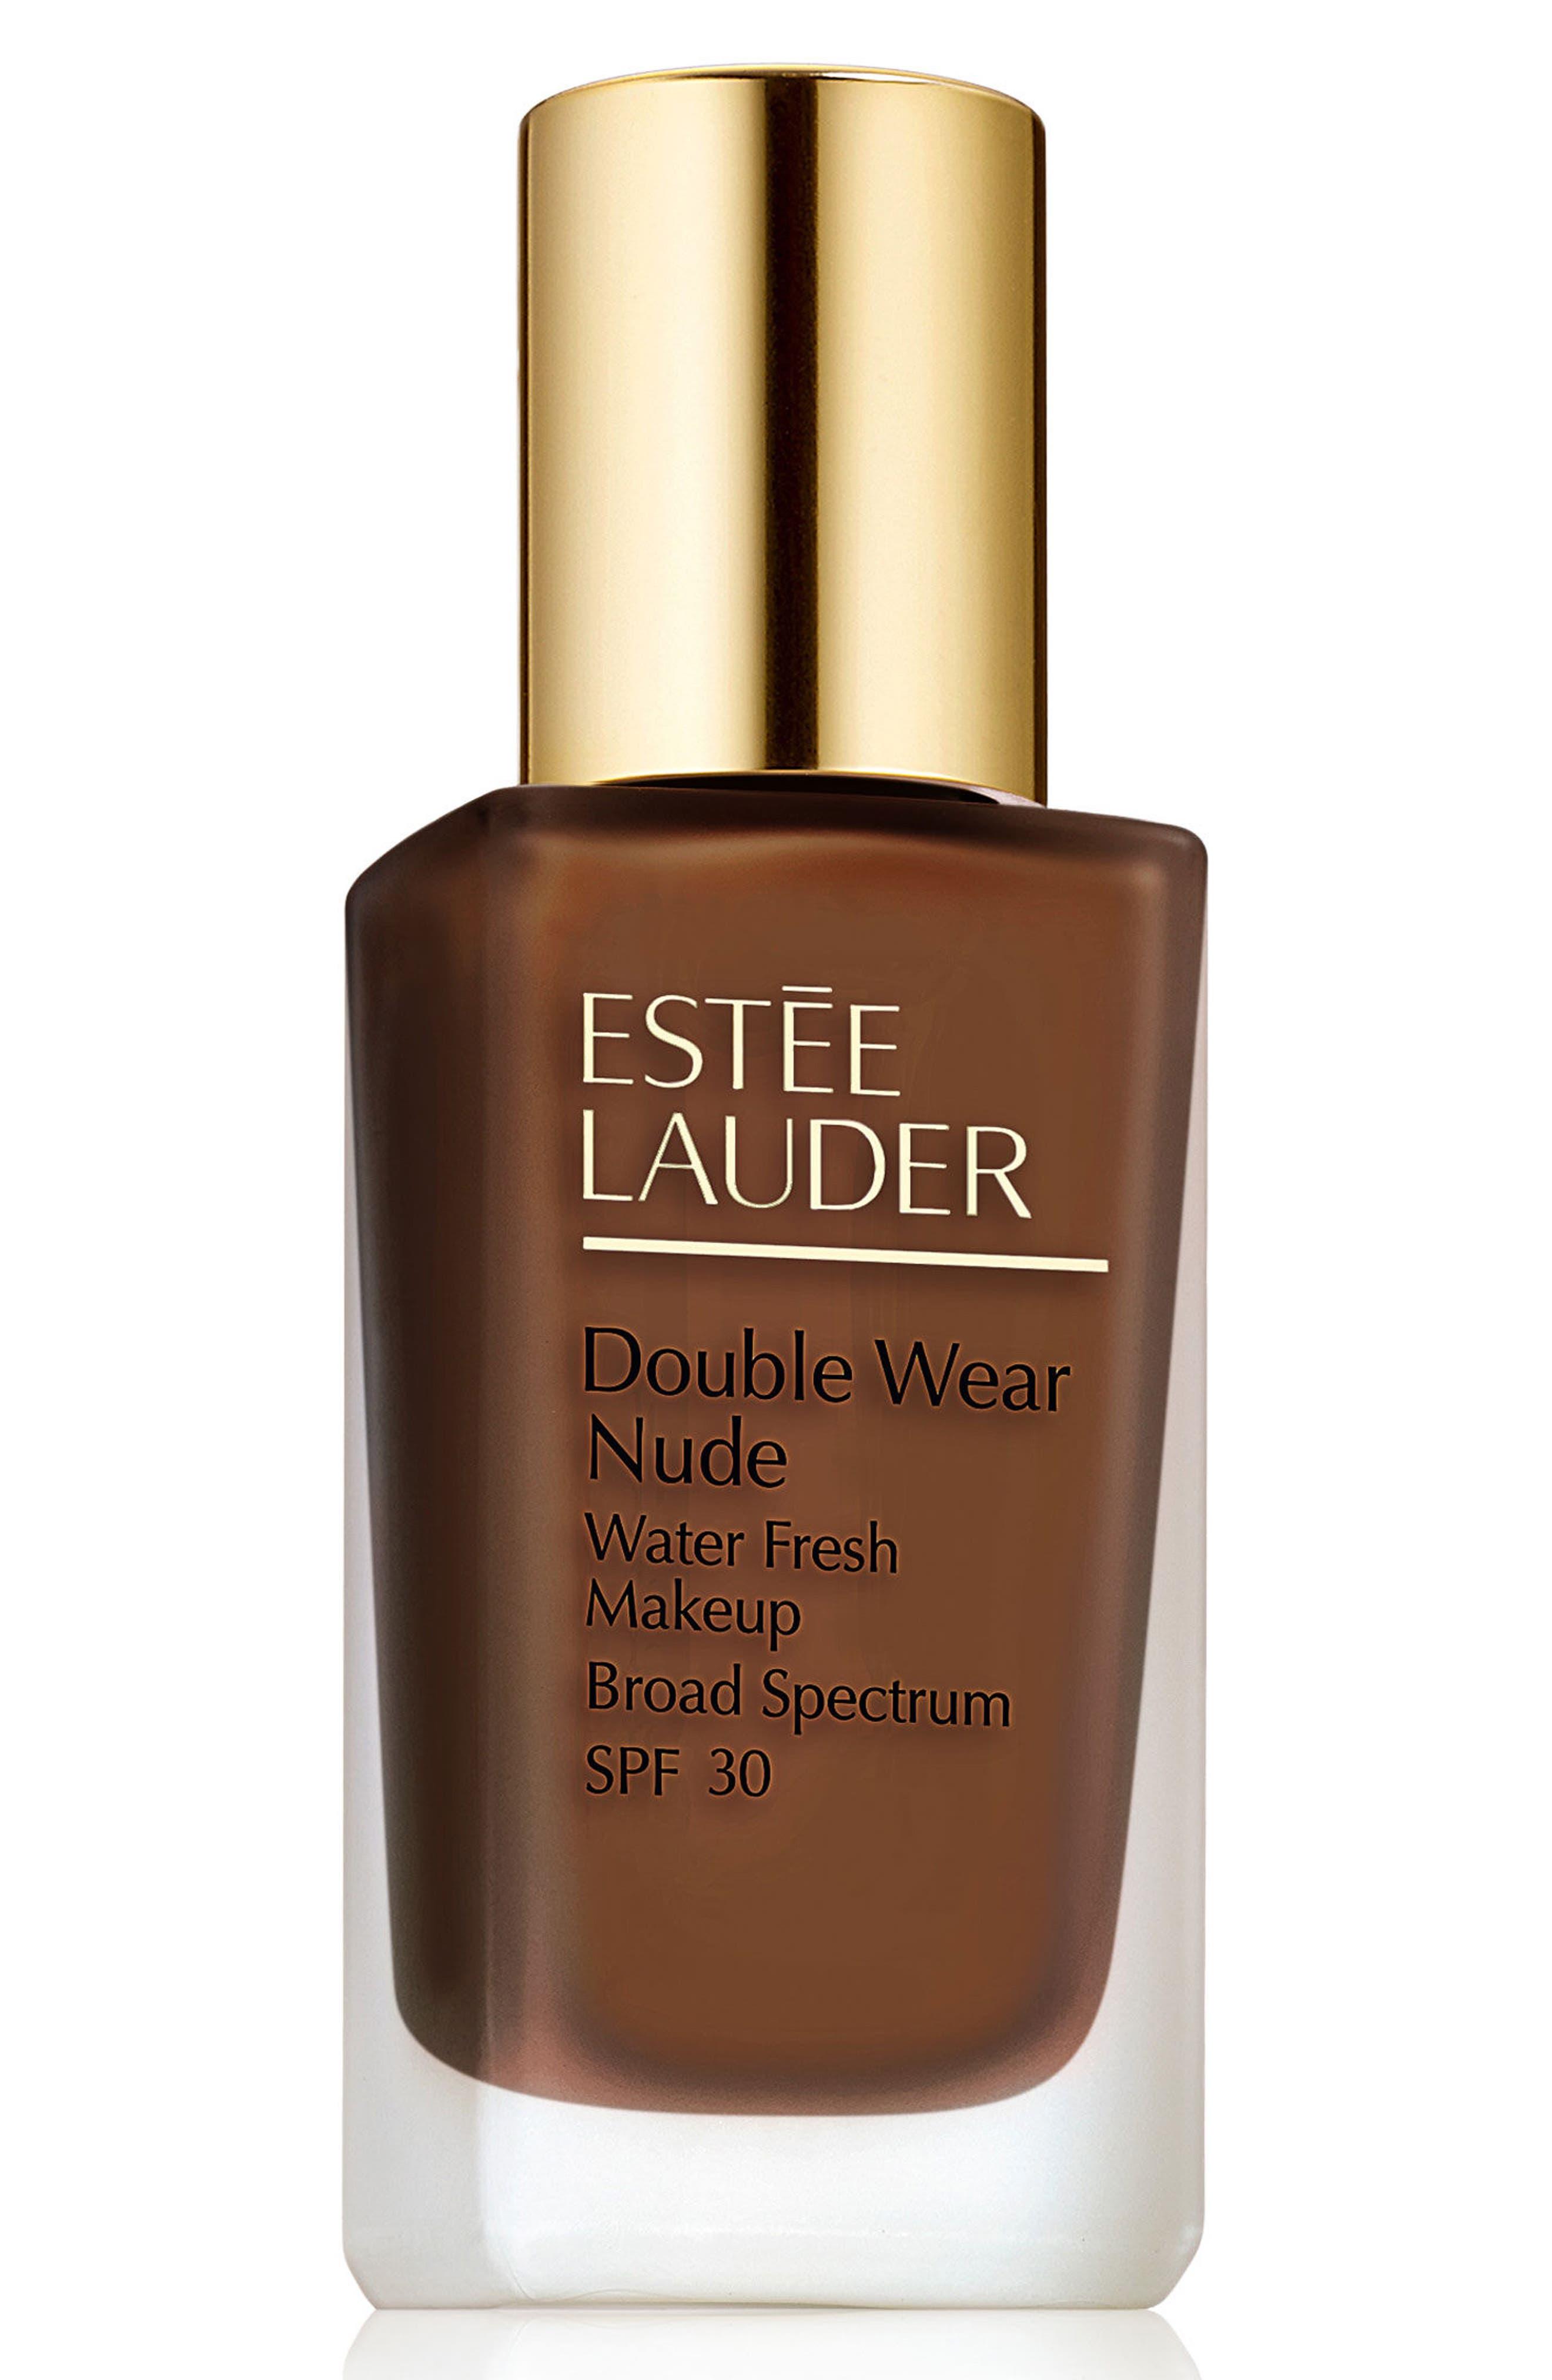 Estee Lauder Double Wear Nude Water Fresh Makeup Broad Spectrum Spf 30 - 7N1 Deep Amber